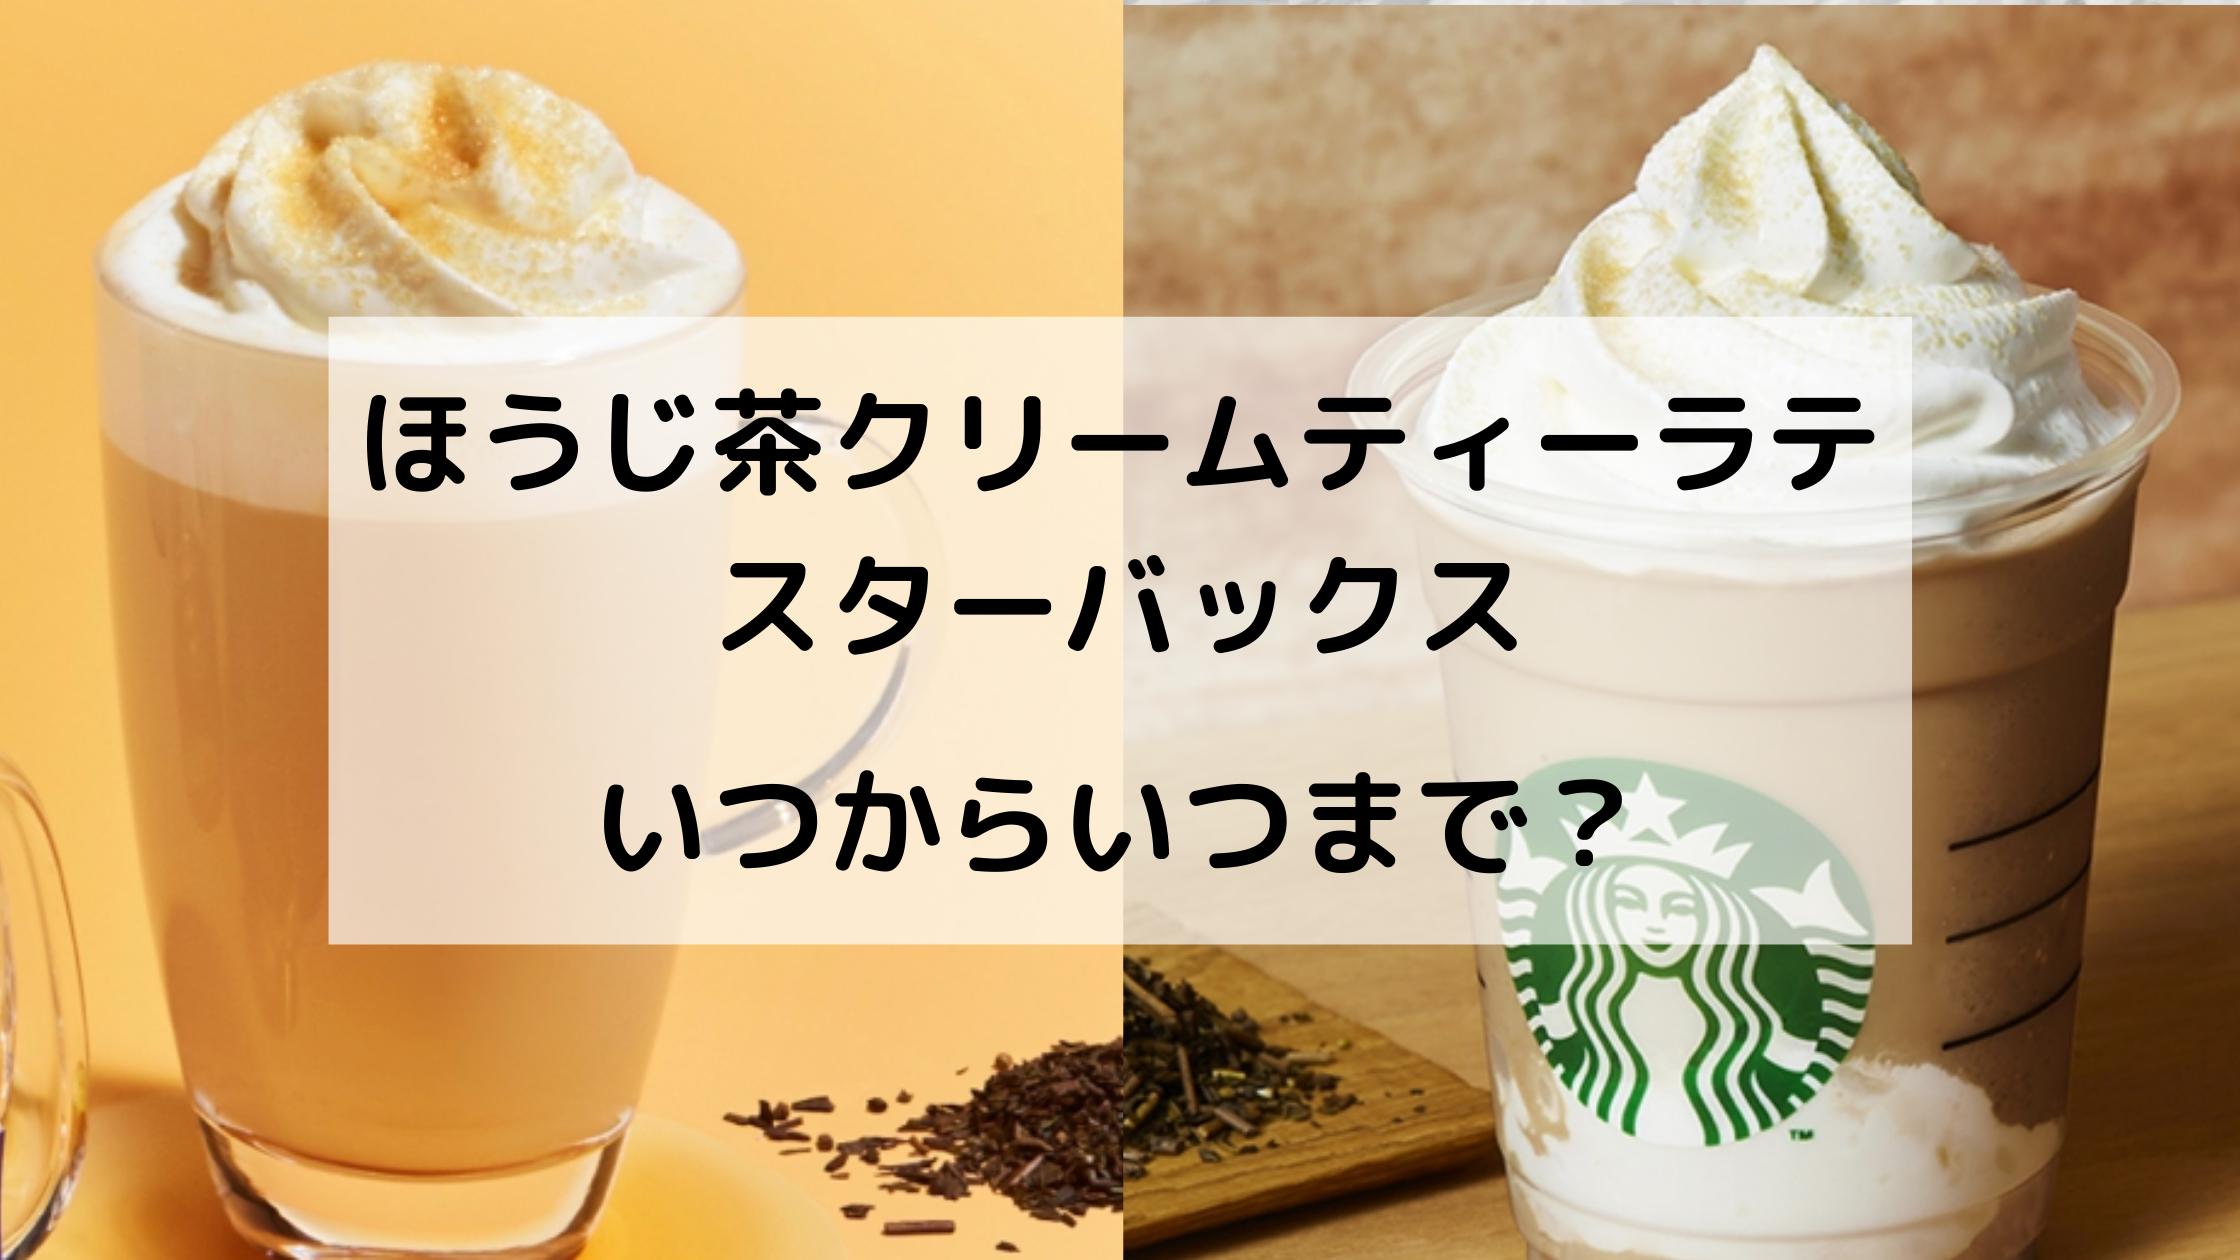 ラテ スタバ いつまで ほうじ茶 スタバ「ほうじ茶ティーラテ」が美味しすぎ♡華麗なるカスタマイズBEST6